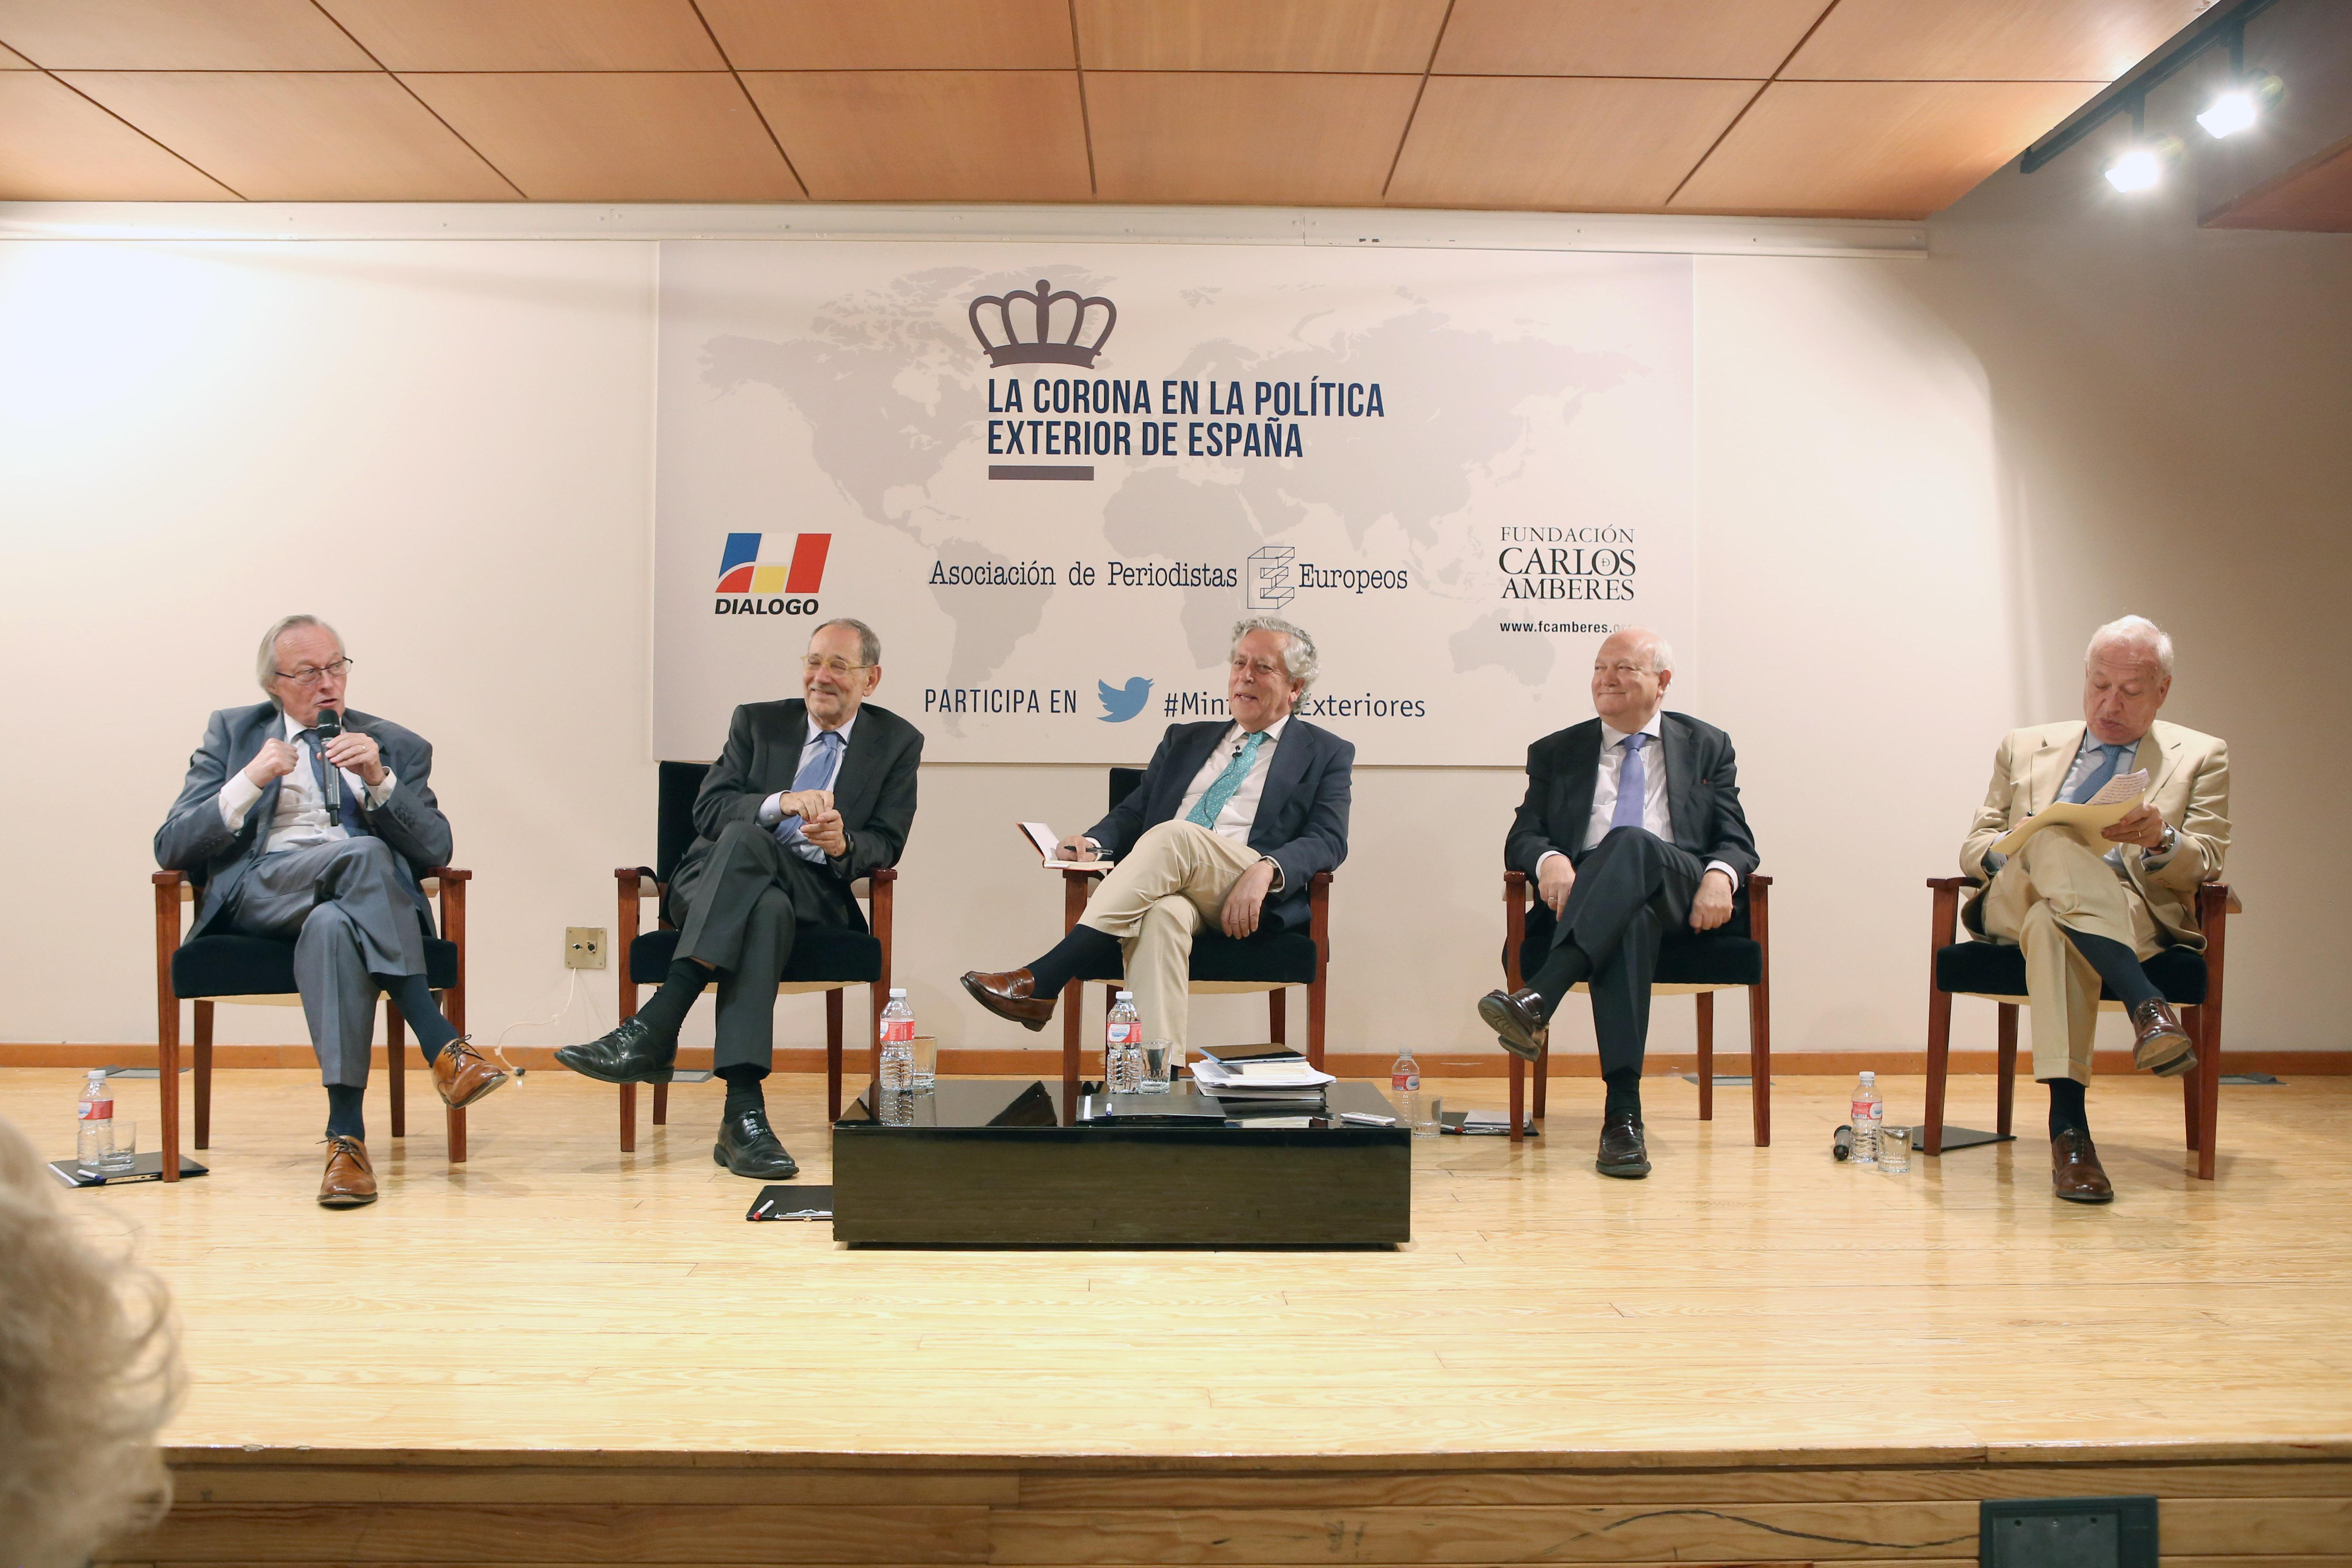 La corona en la pol tica exterior de espa a miguel ngel for Politica exterior de espana